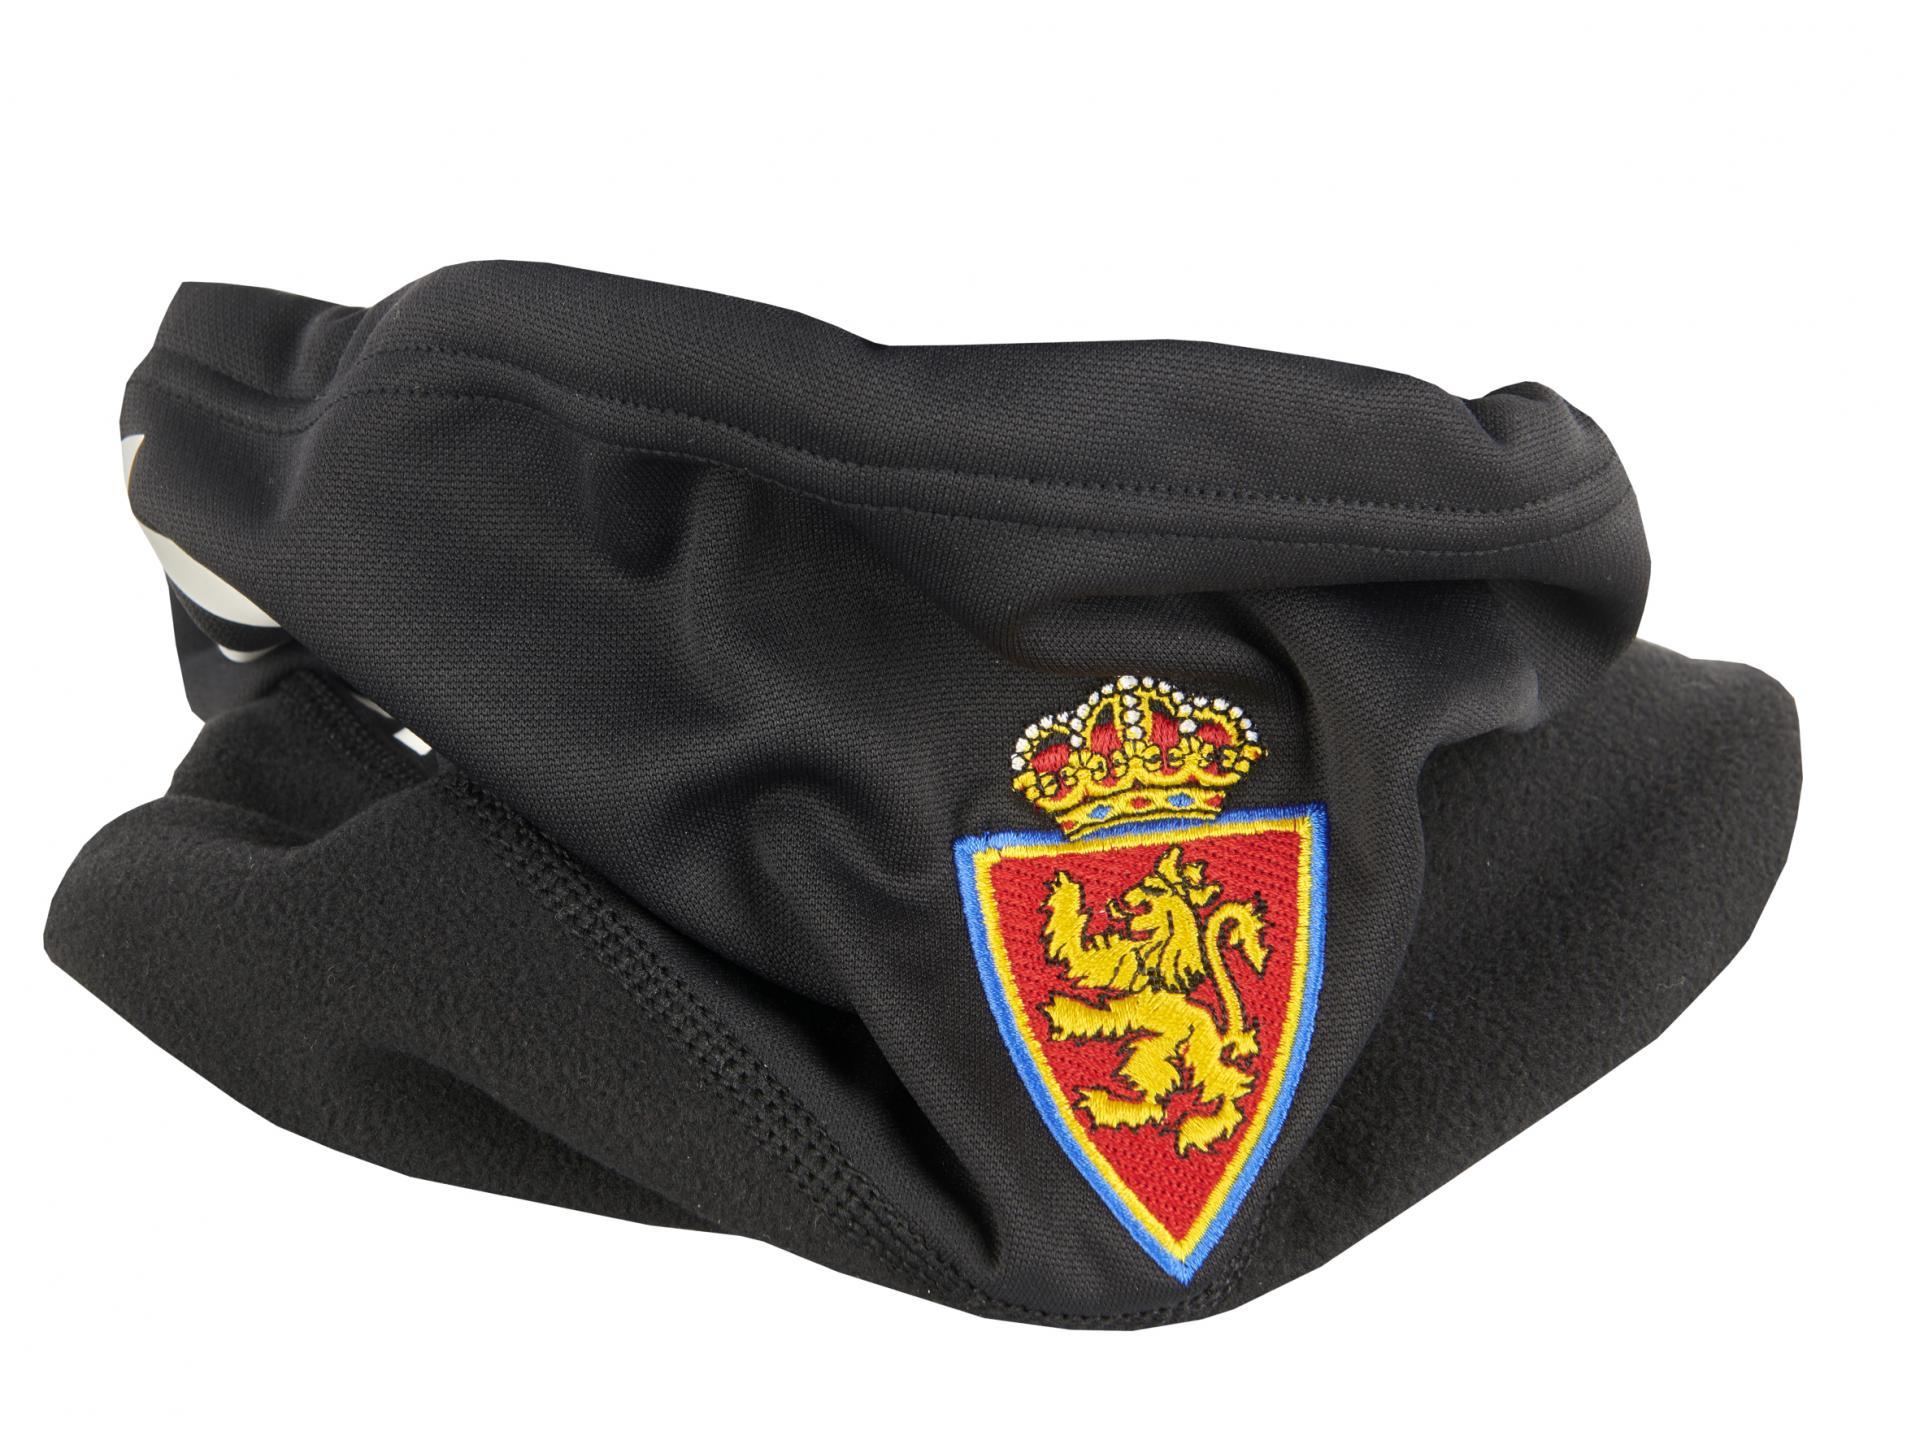 Braga cuello adidas 2021